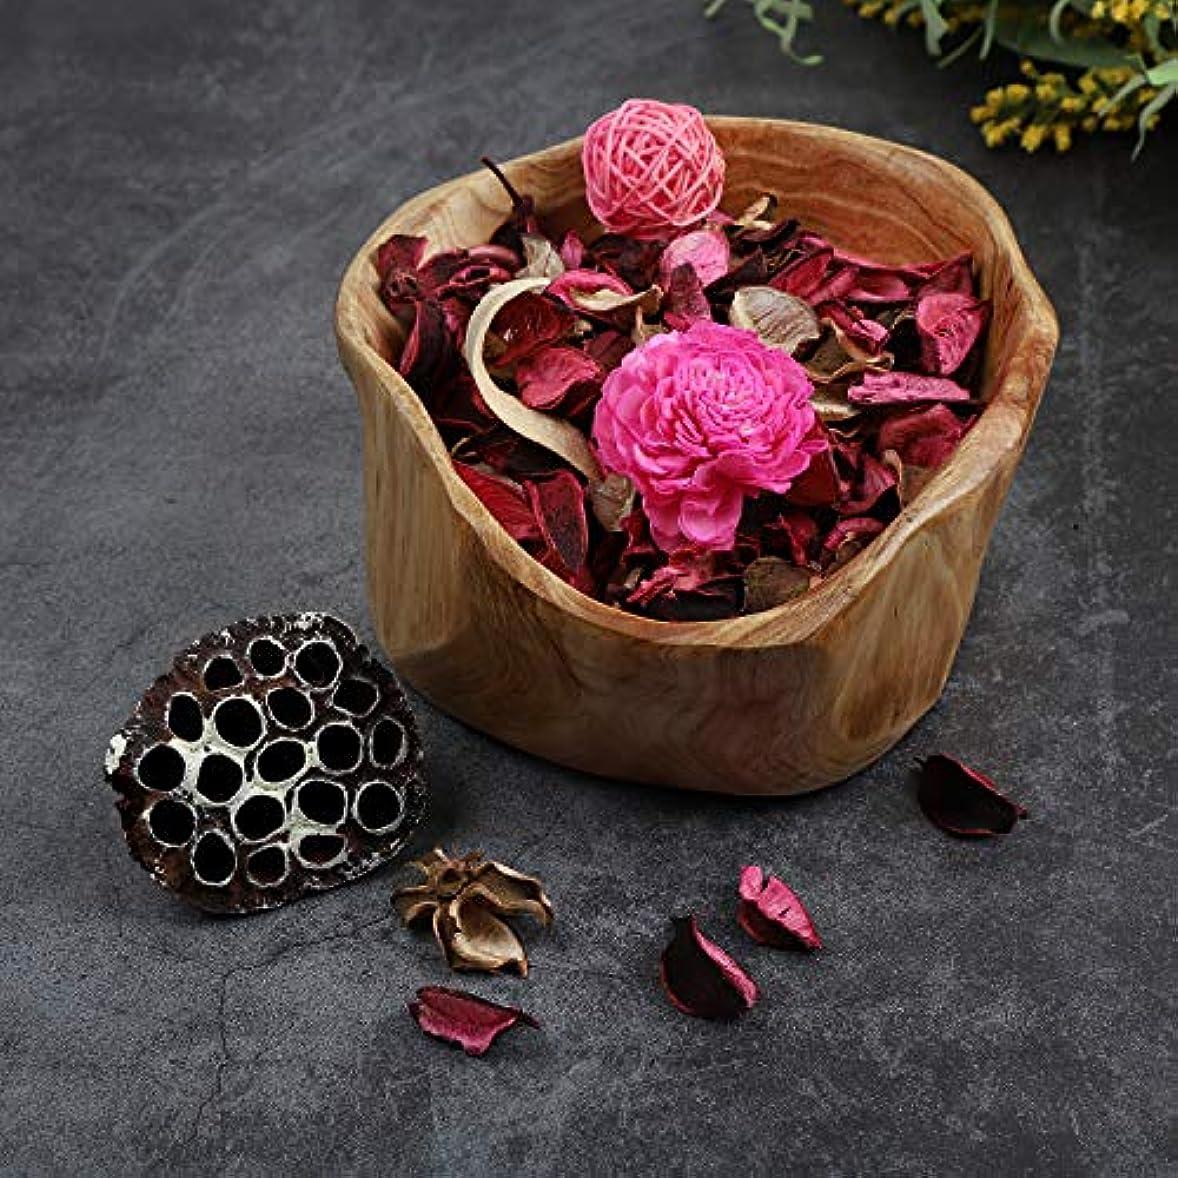 報酬反射マーキーQingbei Rina ポプリ ピンク 200g バラのポプリ ギフト 手作りの自然素材